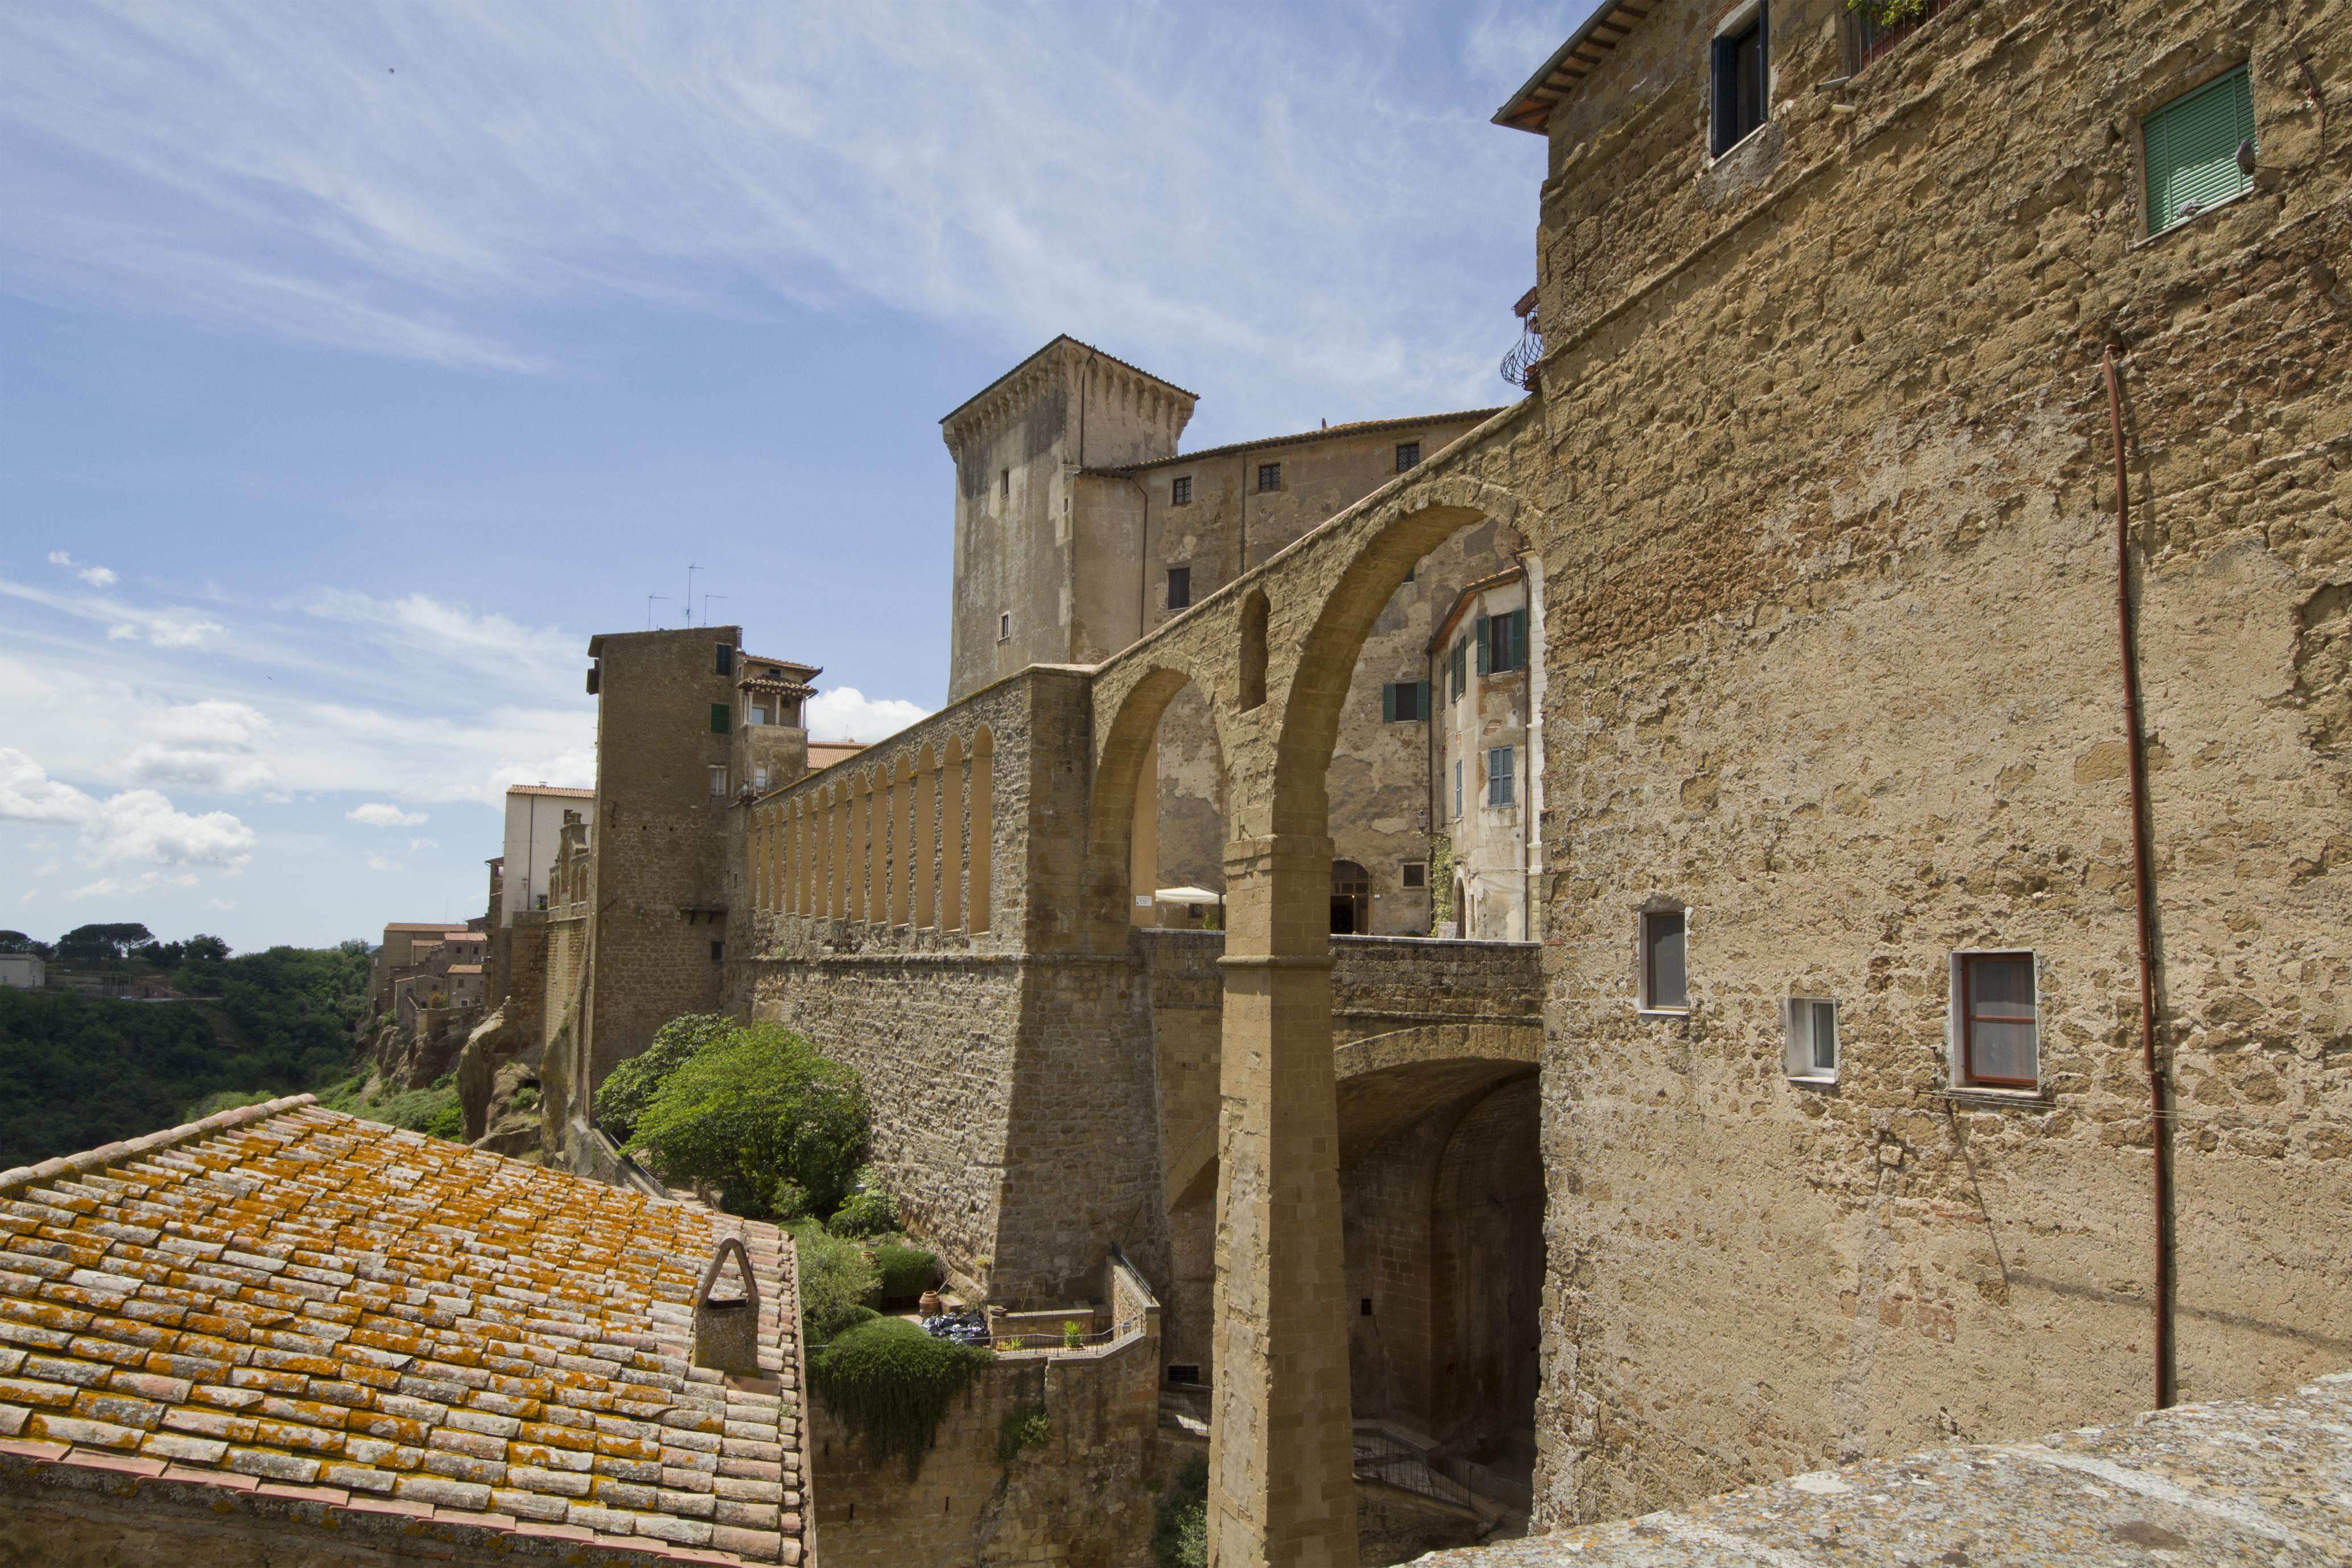 L'Aquedotto Mediceo, Pitigliano, Grosseto, Italy - panoramio.jpg